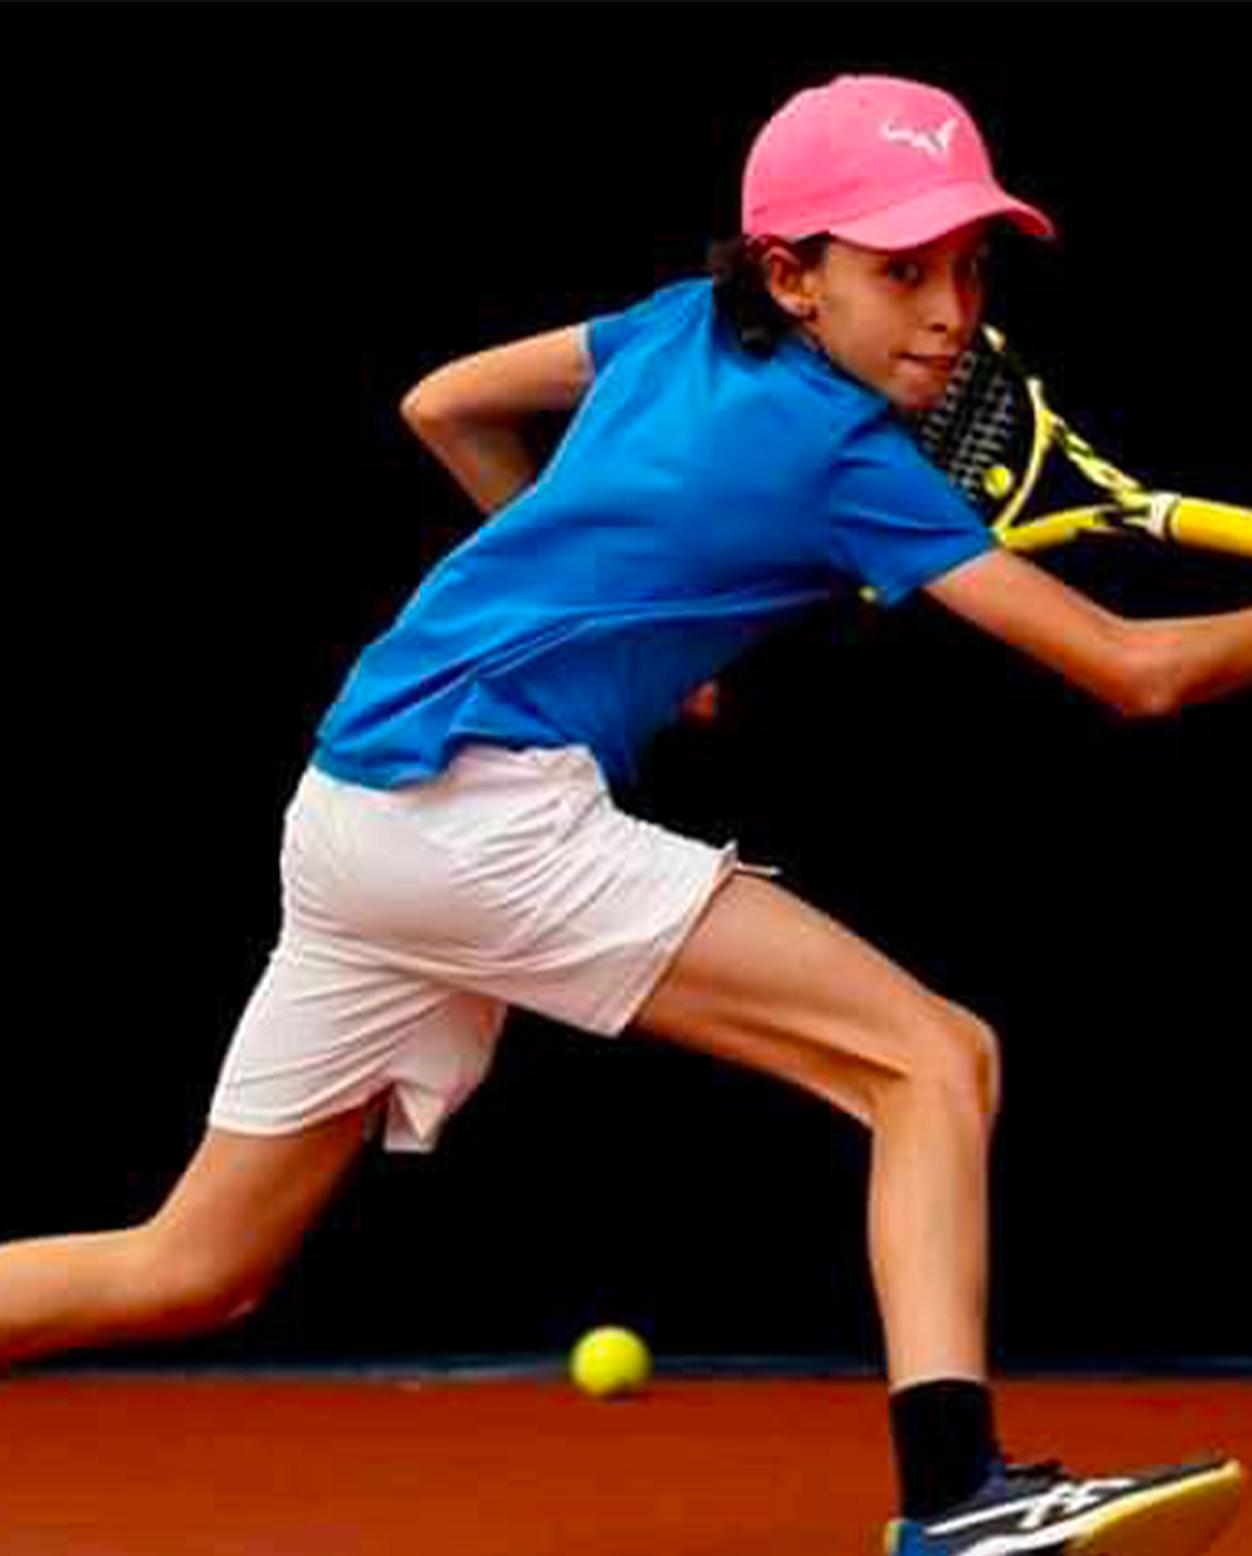 https://www.team-bms-tennis.fr/wp-content/uploads/2020/09/Issac.jpg